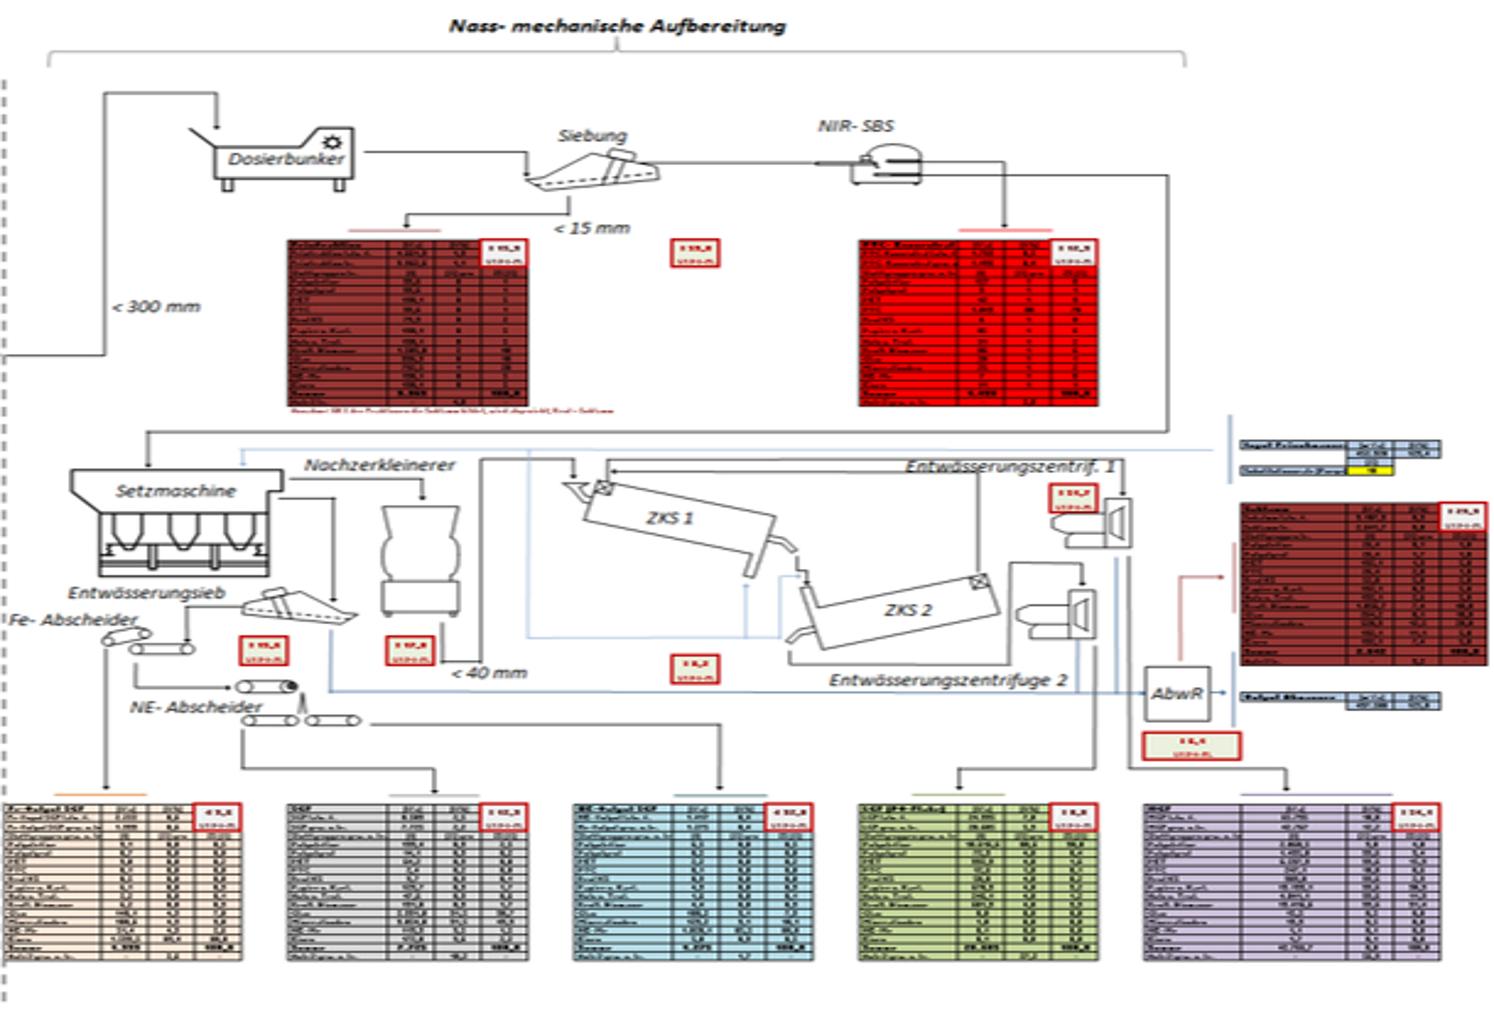 Anlagenmodellierung 2zu3